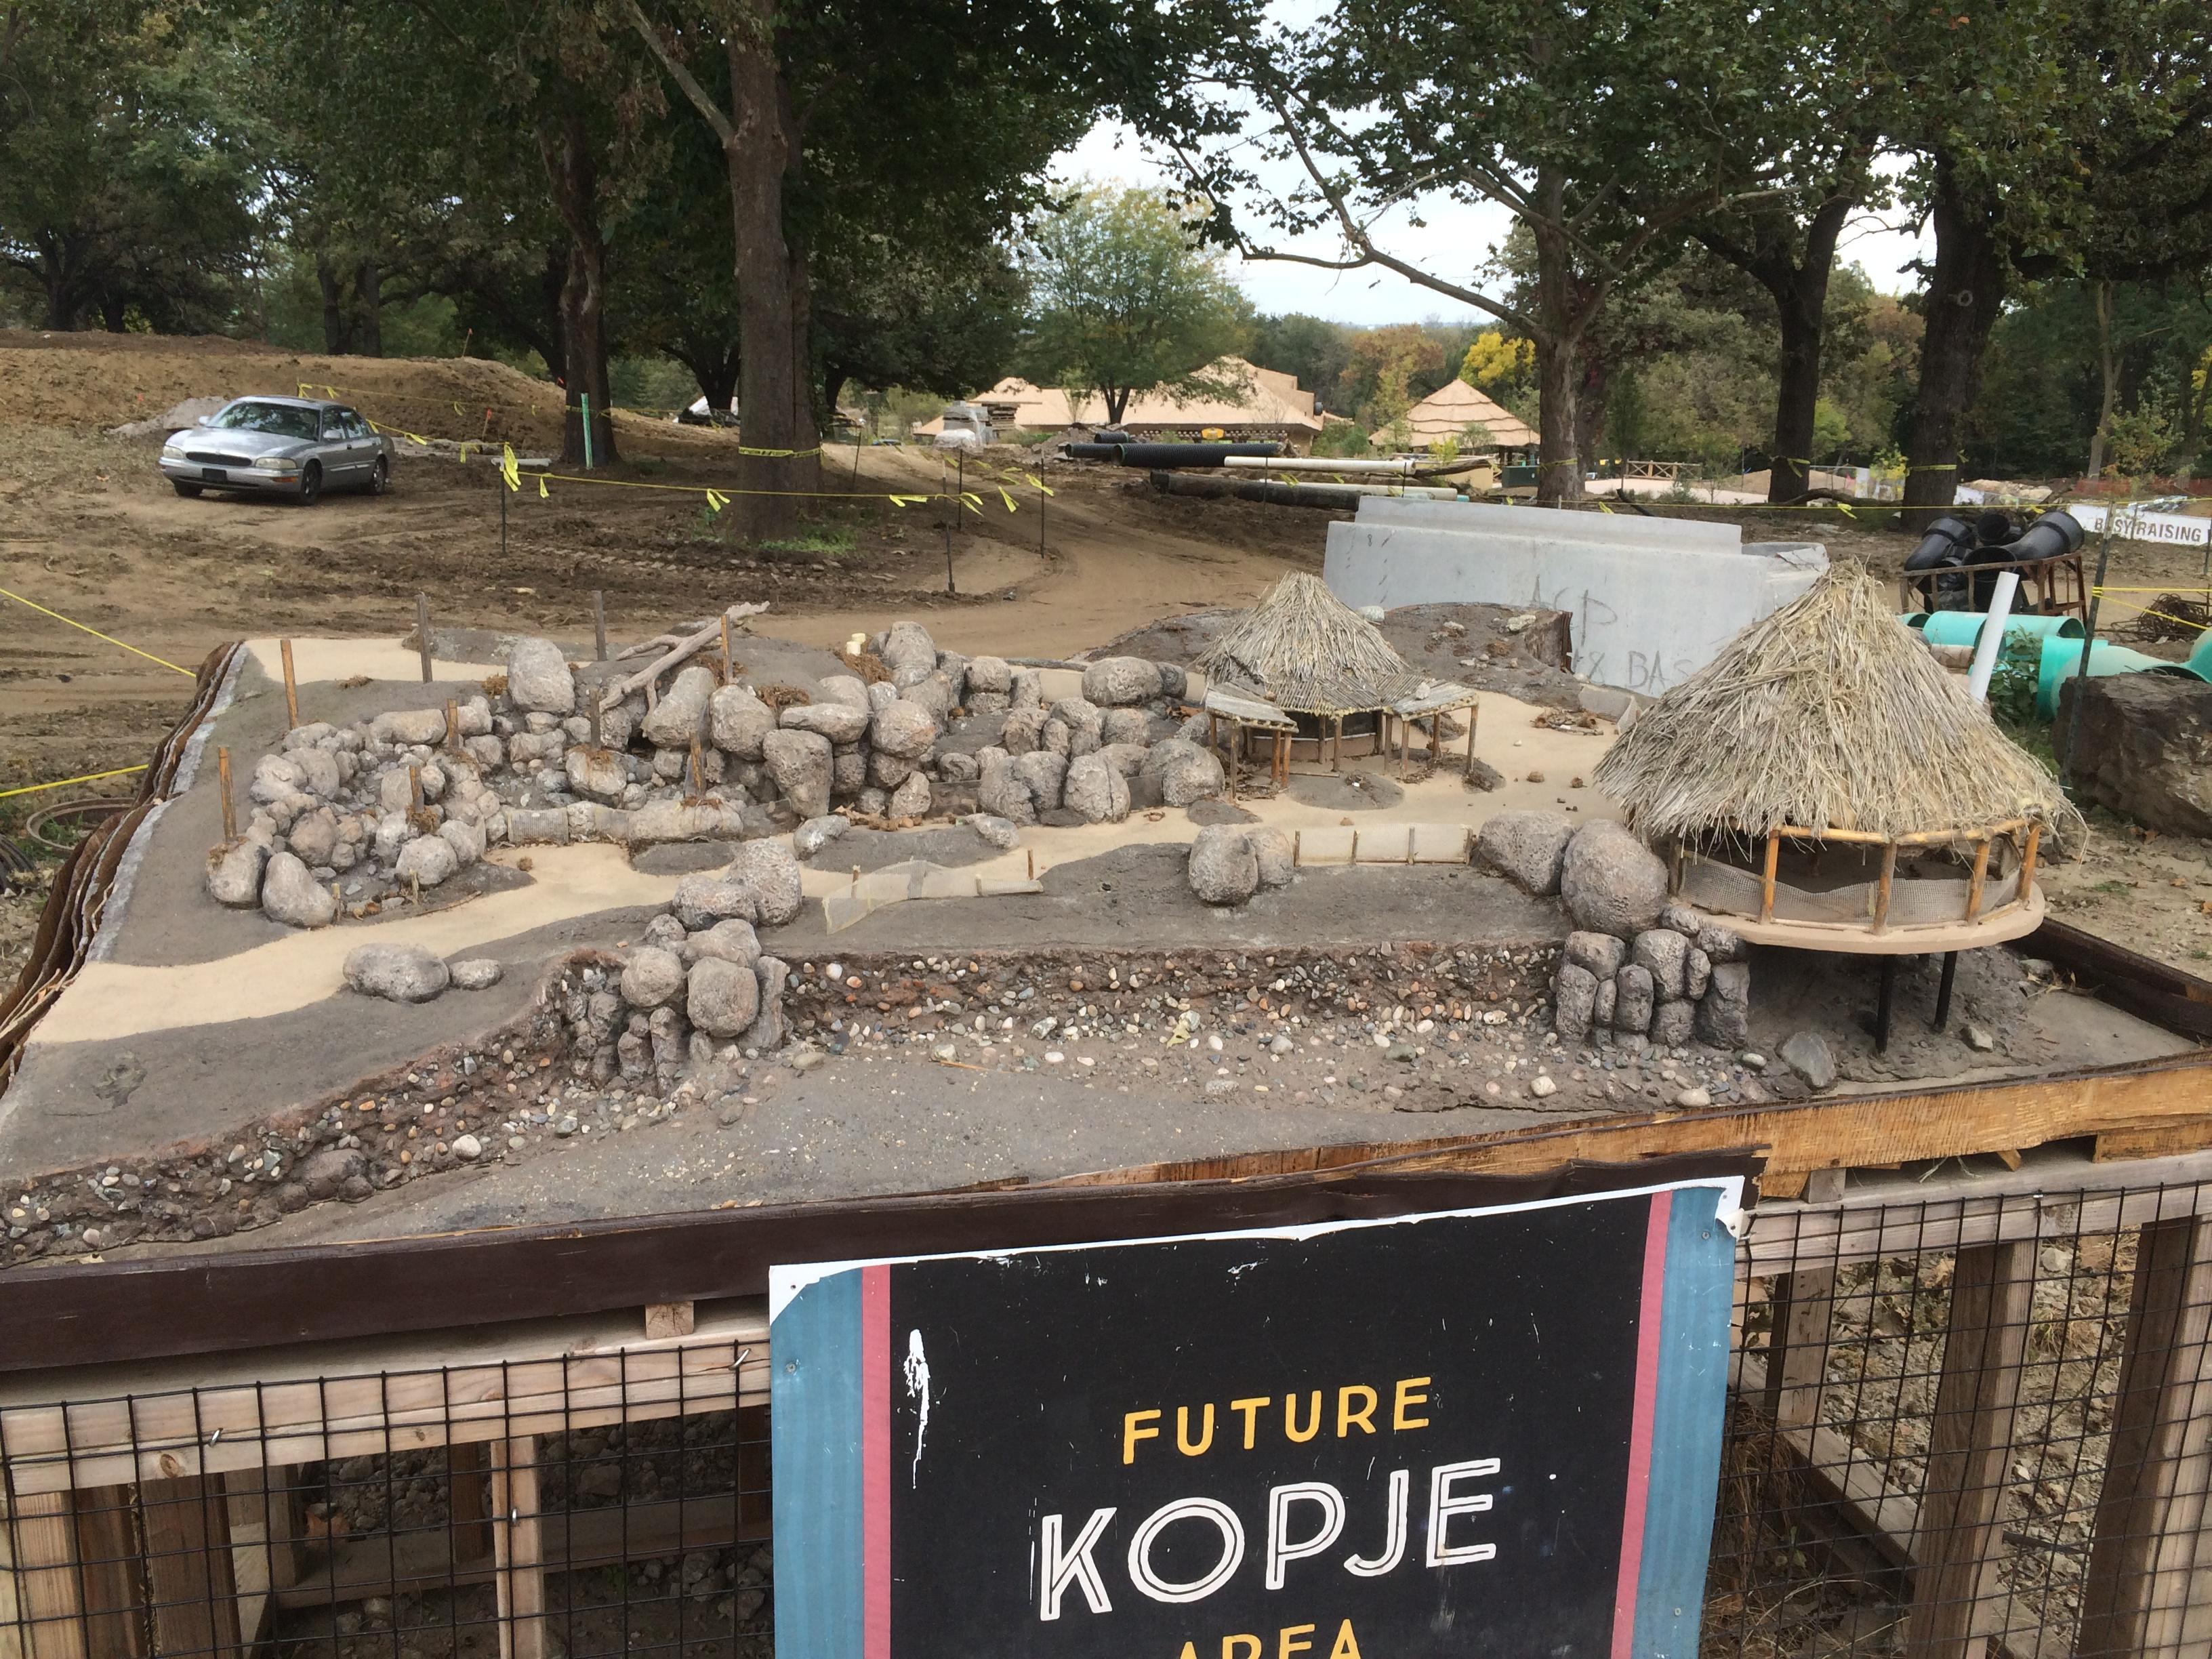 Future Kopje Area Model - African Grasslands, Henry Doorly Zoo Omaha Nebraska